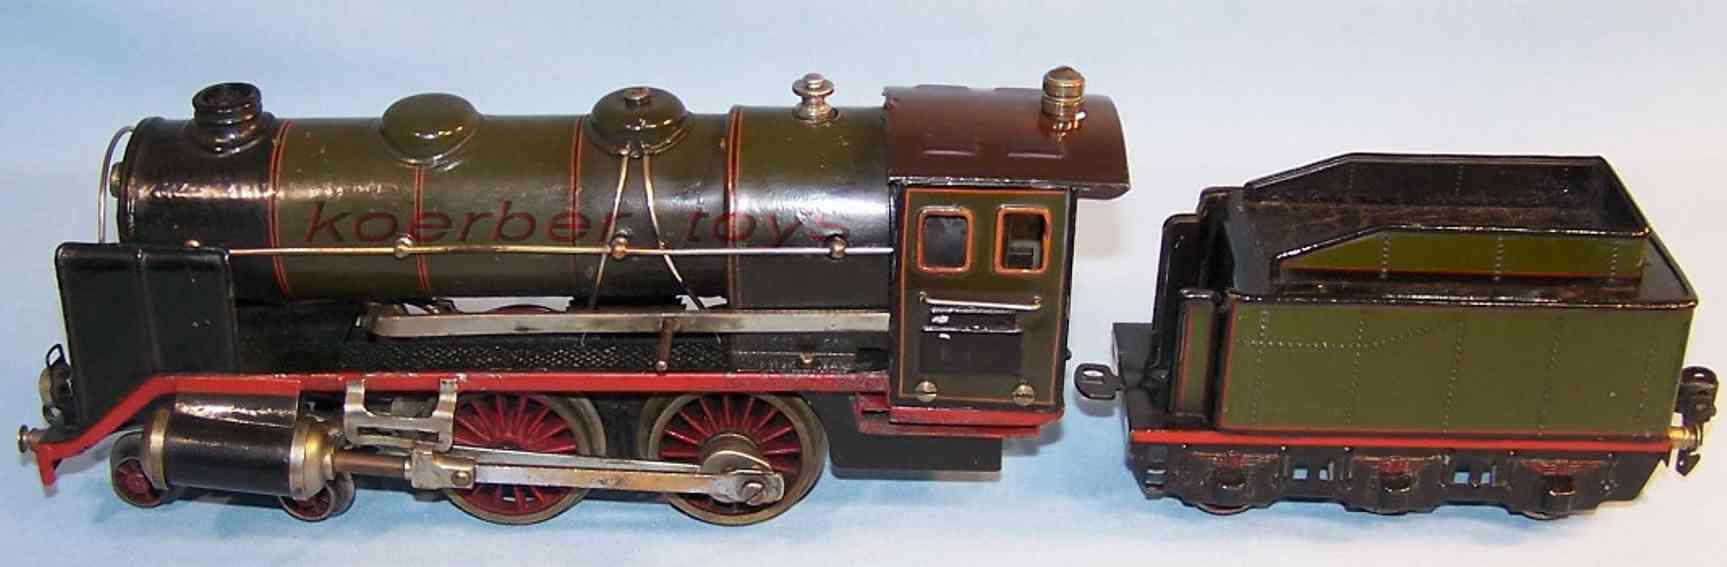 marklin maerklin e 4920 railway toy engine spirit steam locomotive tender green gauge 0